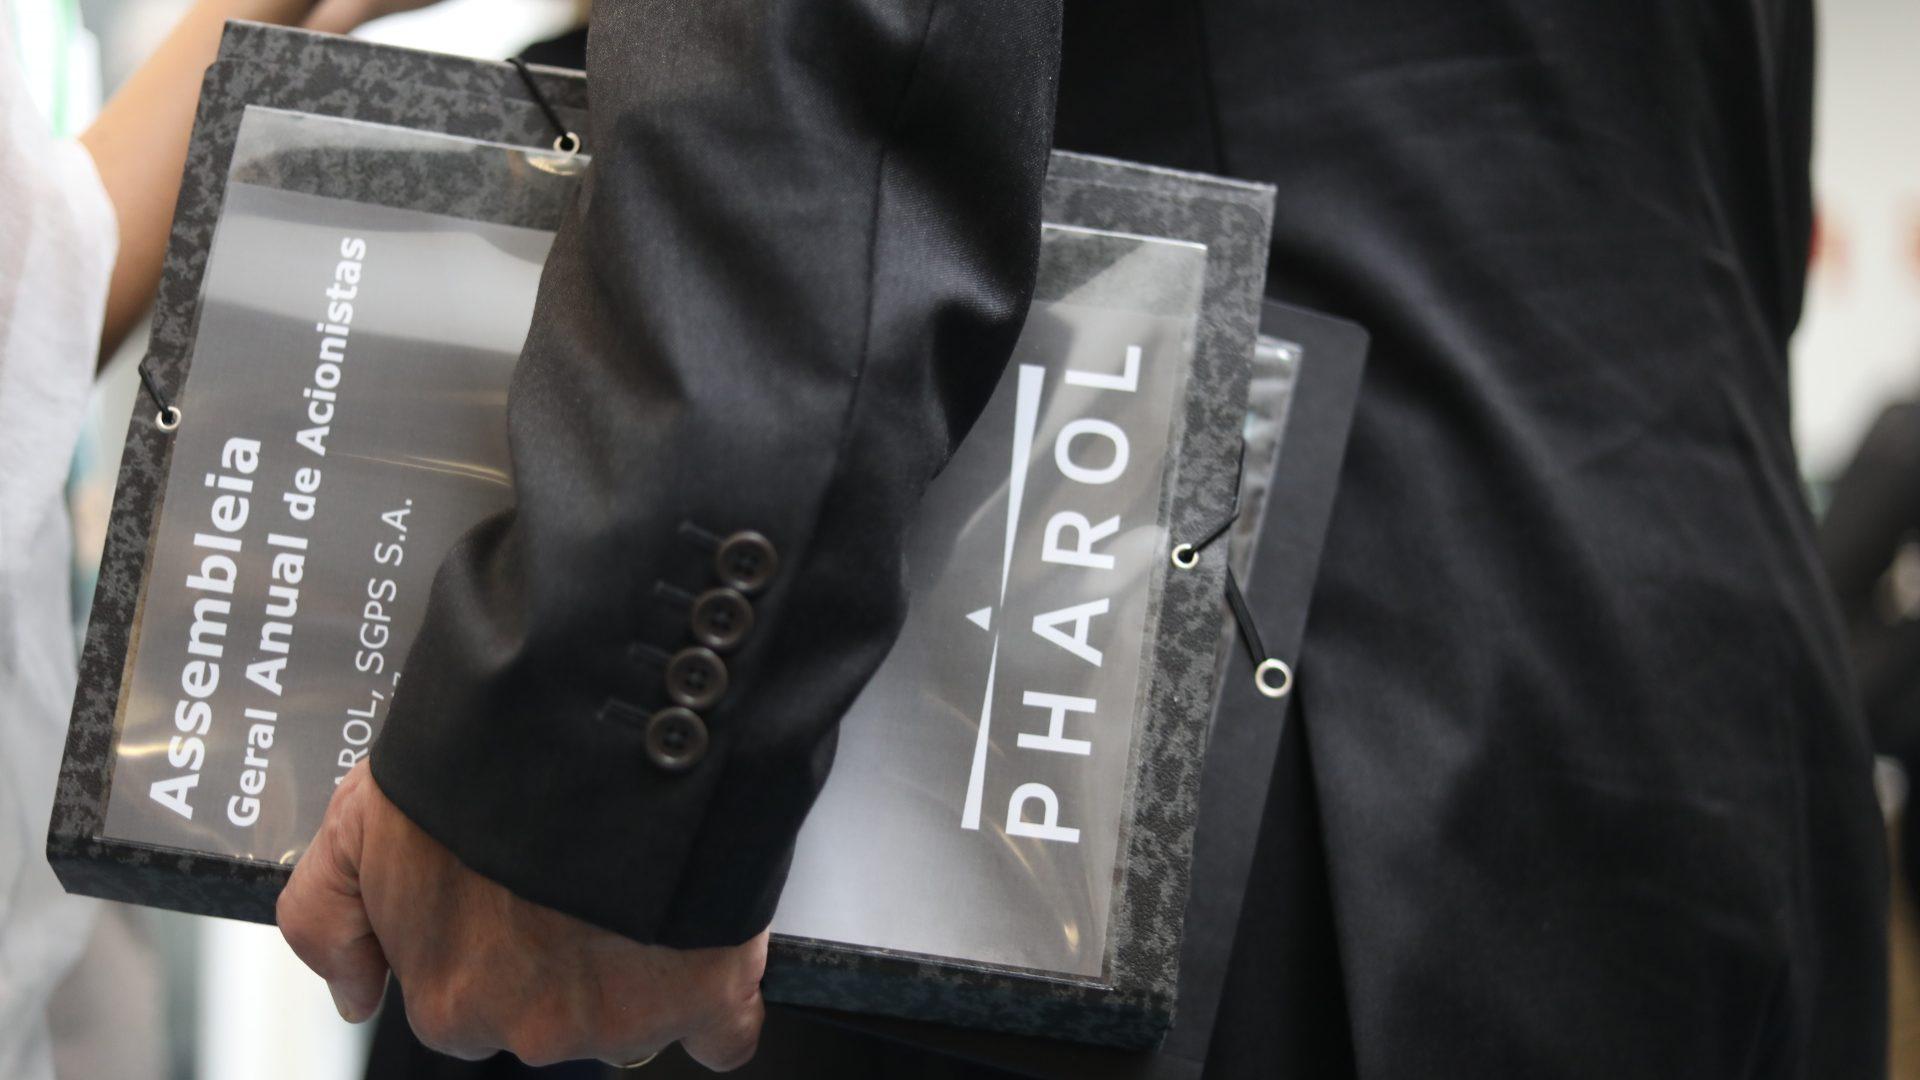 Ações da Pharol caem quase 2% após prejuízos de 806,5 milhões